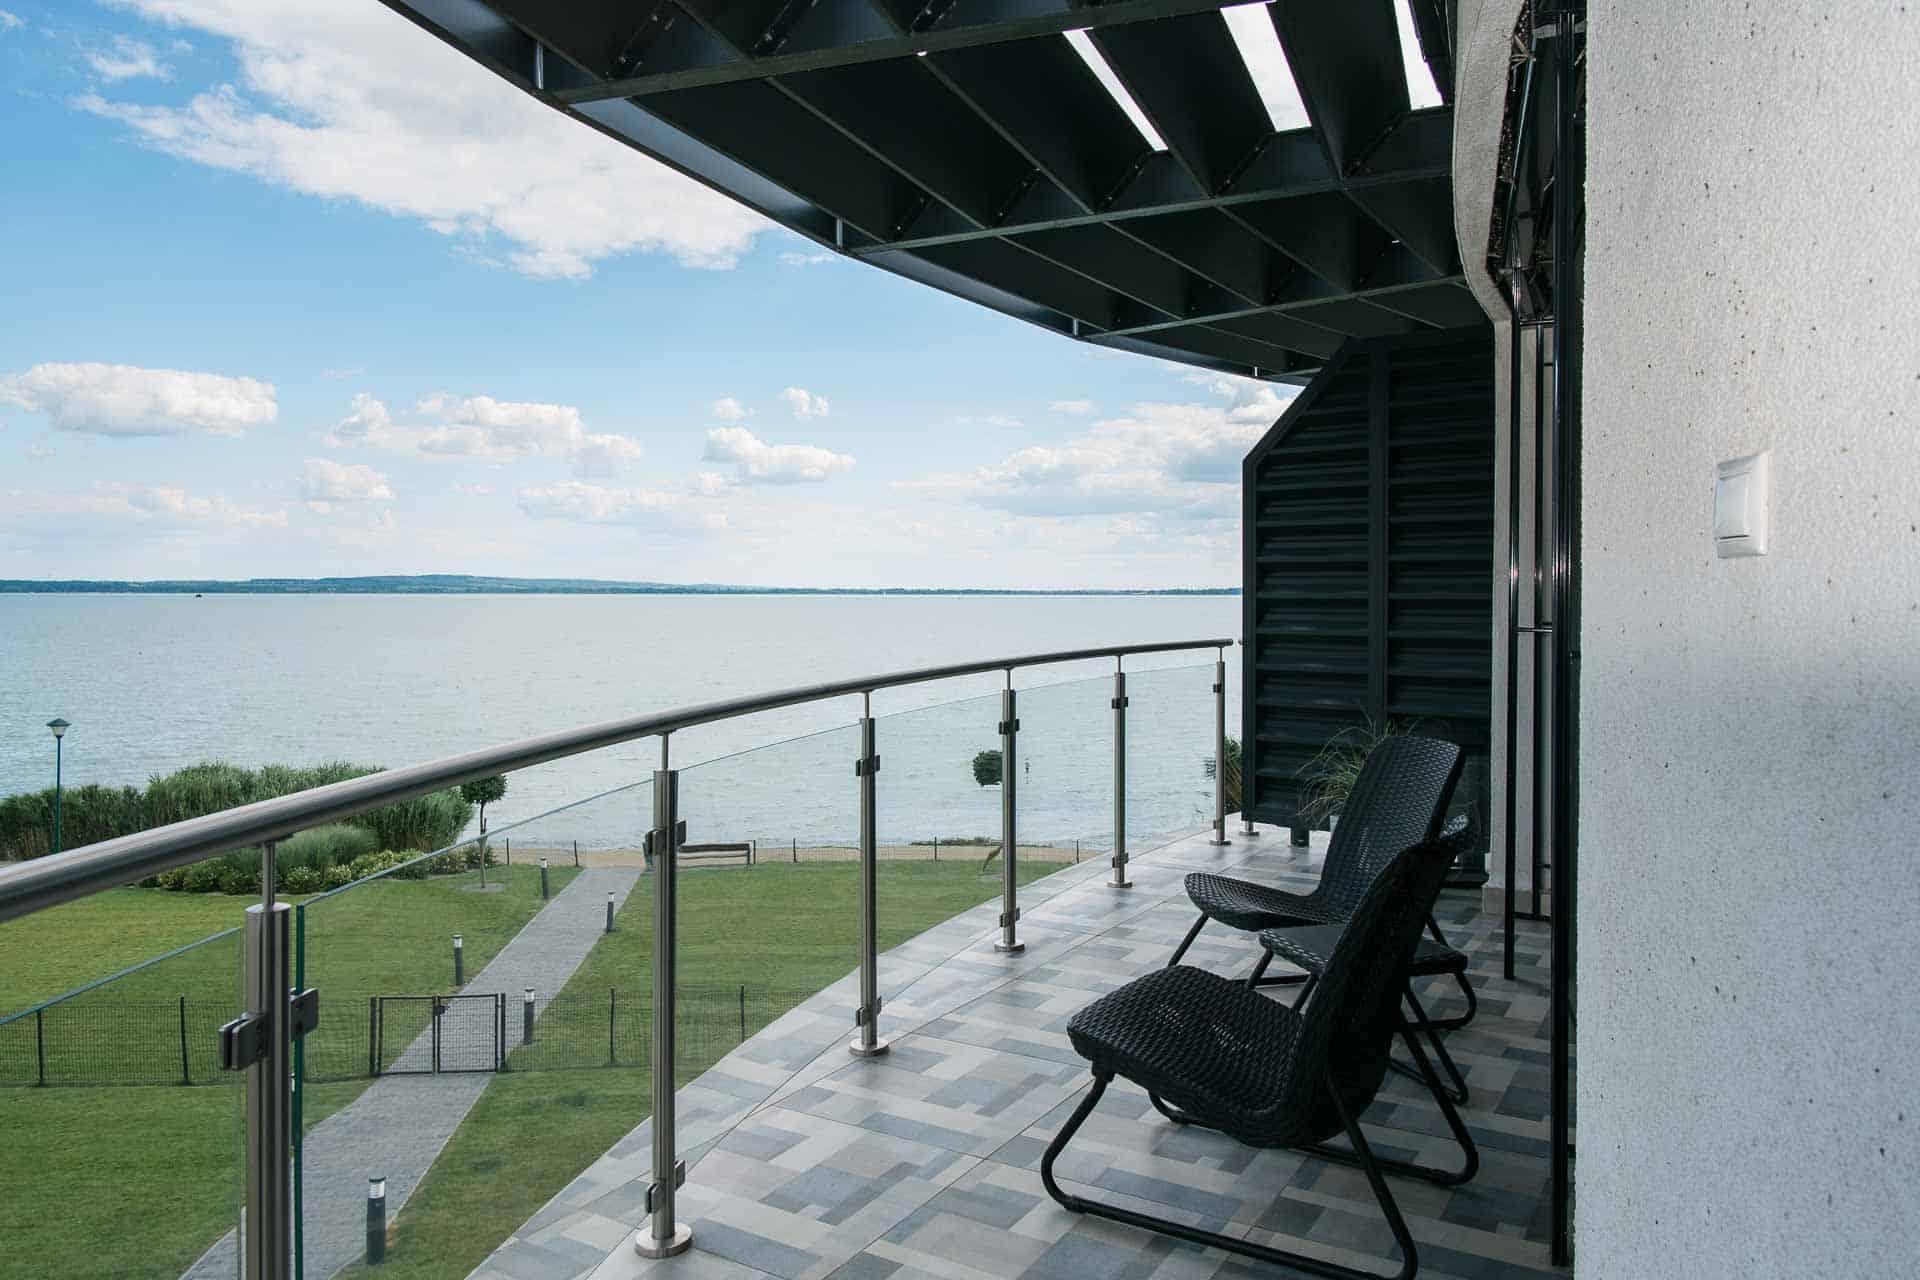 Balatoni panorámás, vízparti Apartmanok Keszthely - terasz - kilátás a Balatonra.